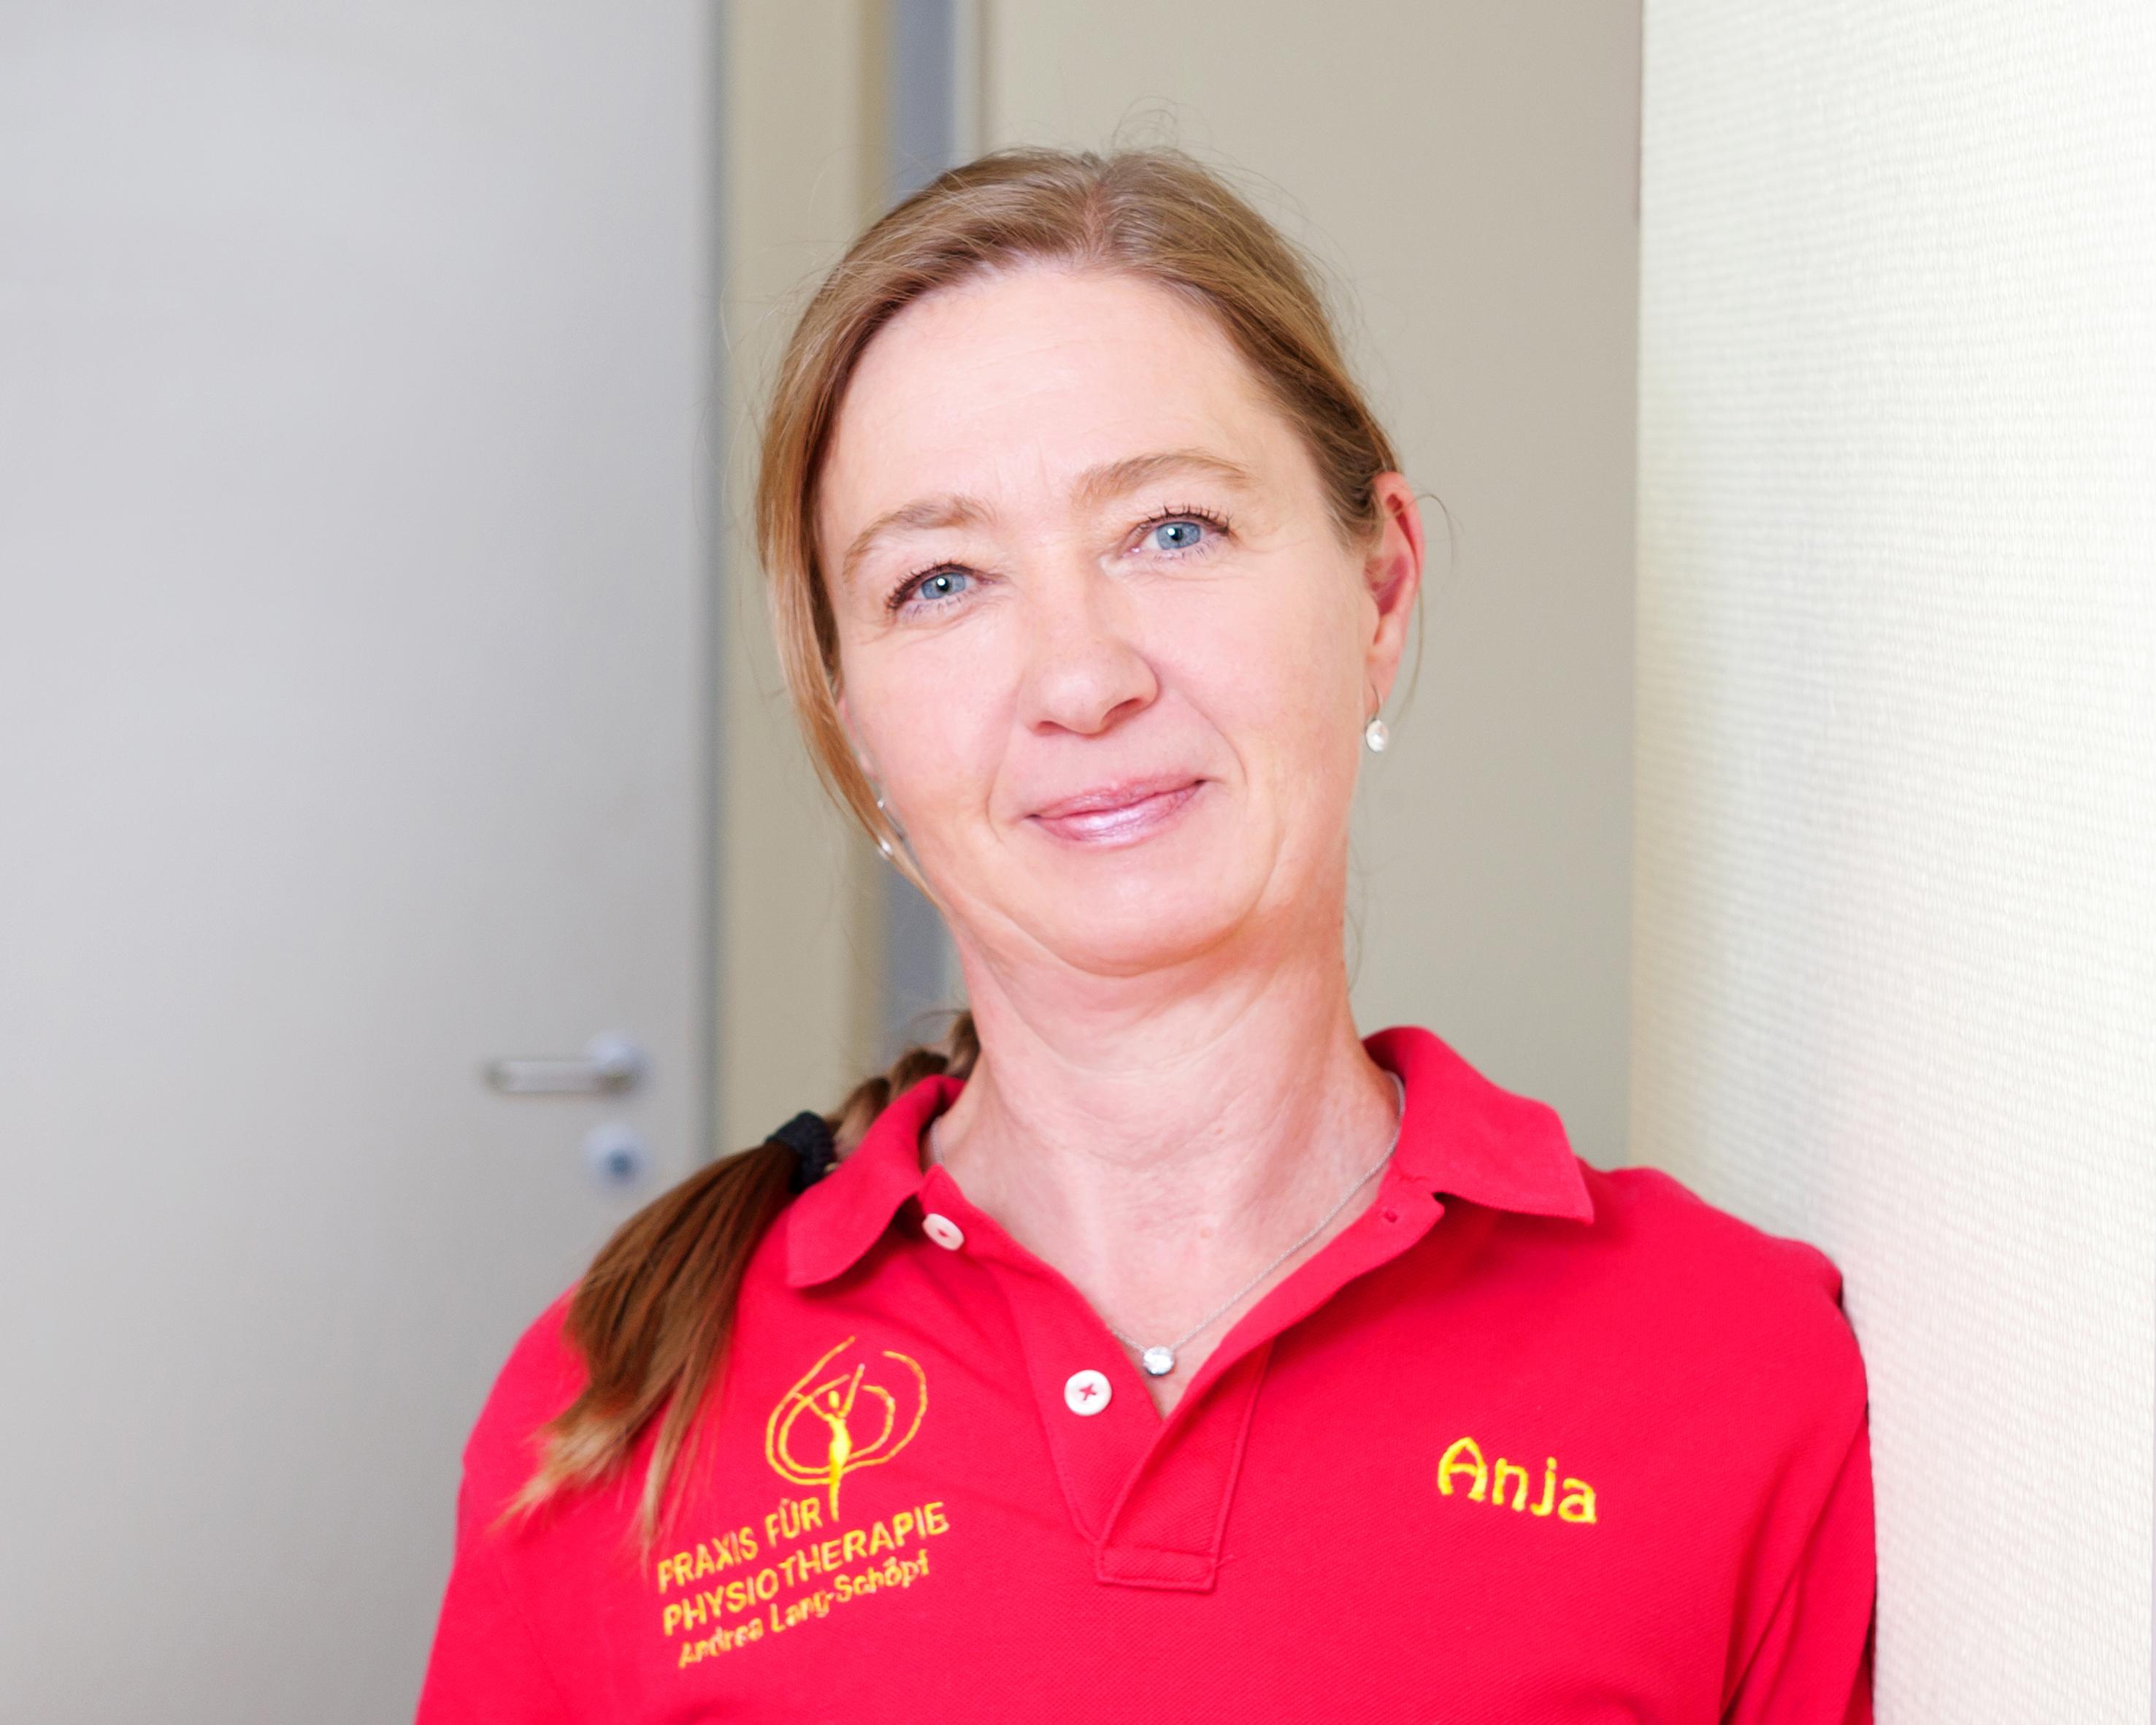 Anja Eritt-Probst